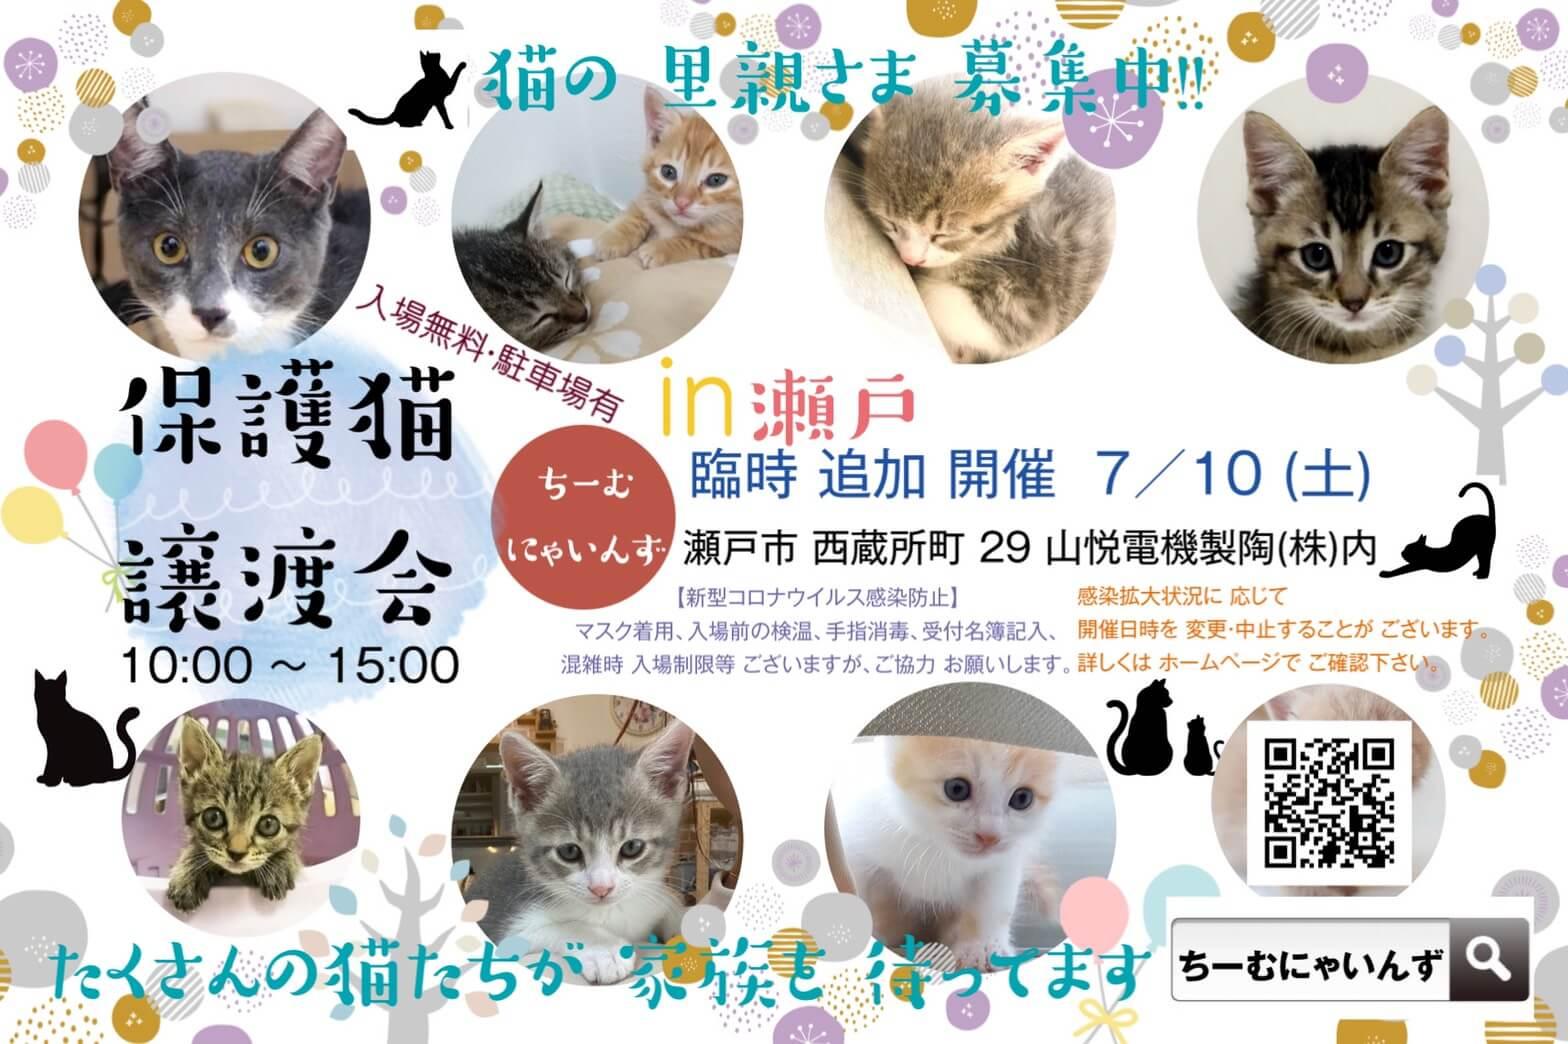 子猫だらけ!in瀬戸 ★猫の臨時譲渡会~ちーむ にゃいんず 2021年7月10日(土)開催